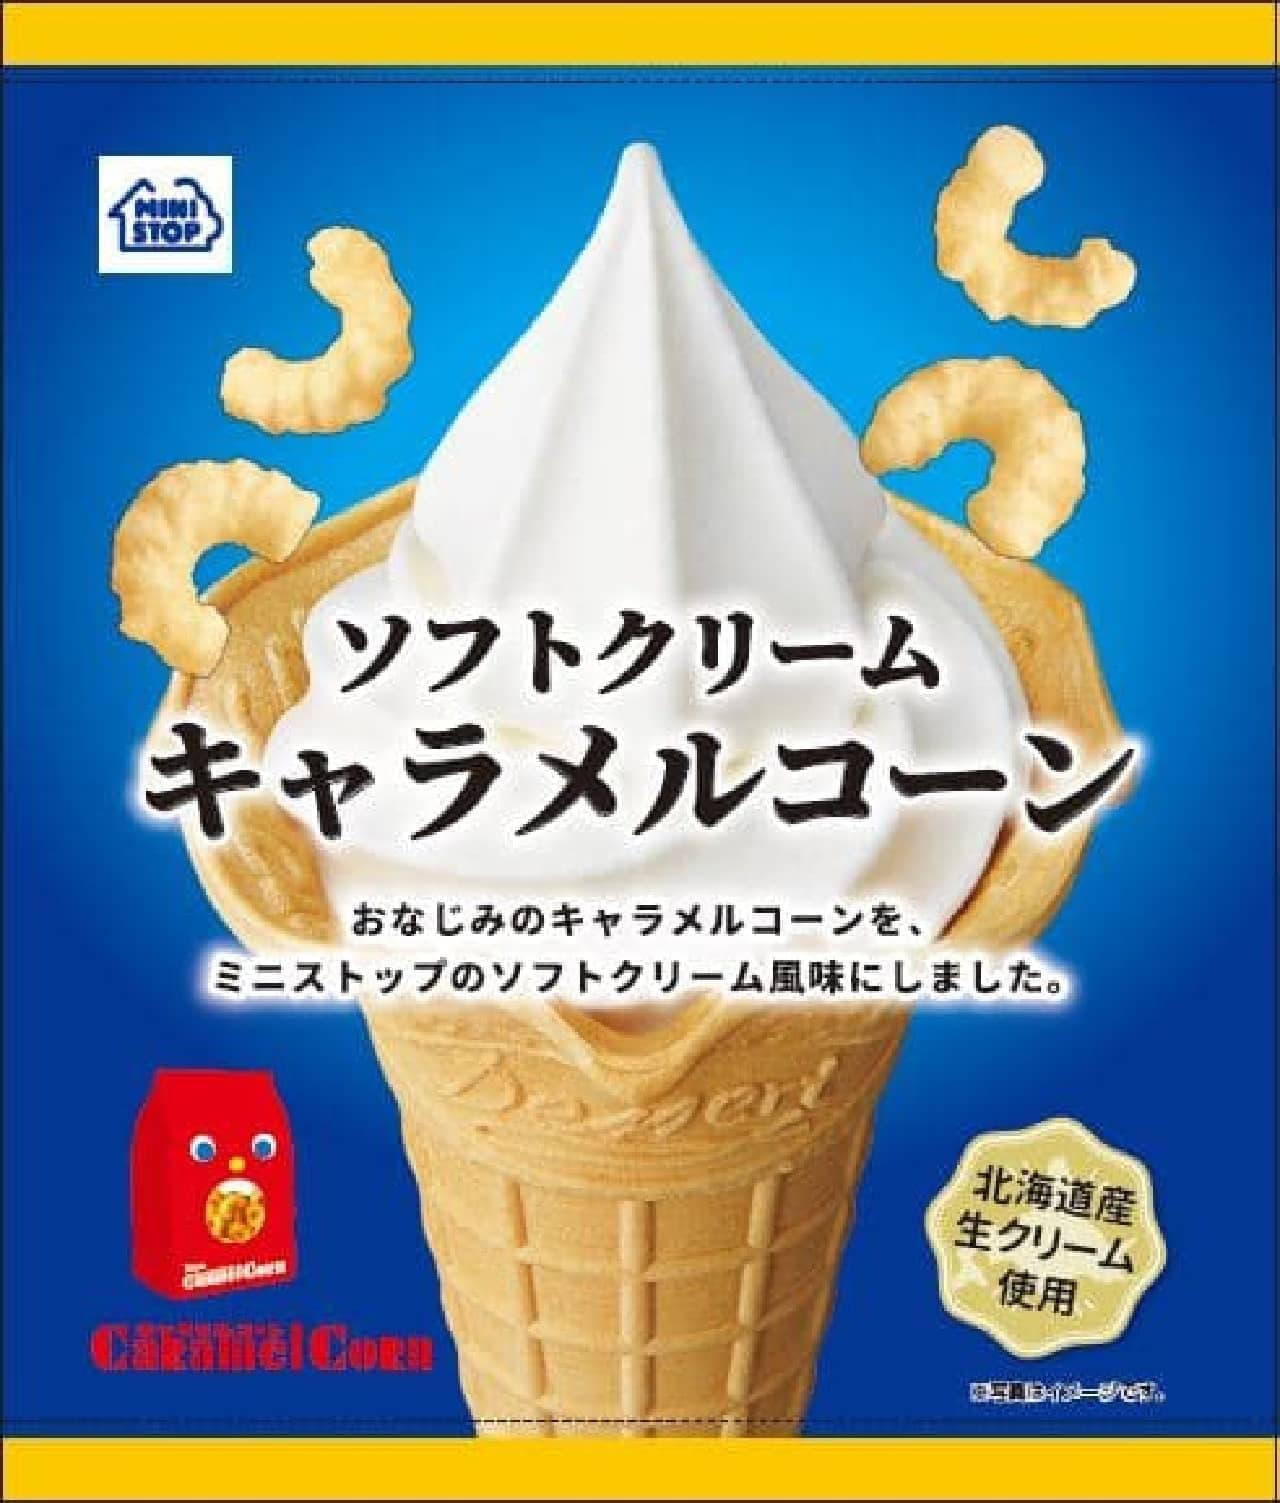 ミニストップ「ソフトクリーム キャラメルコーン」